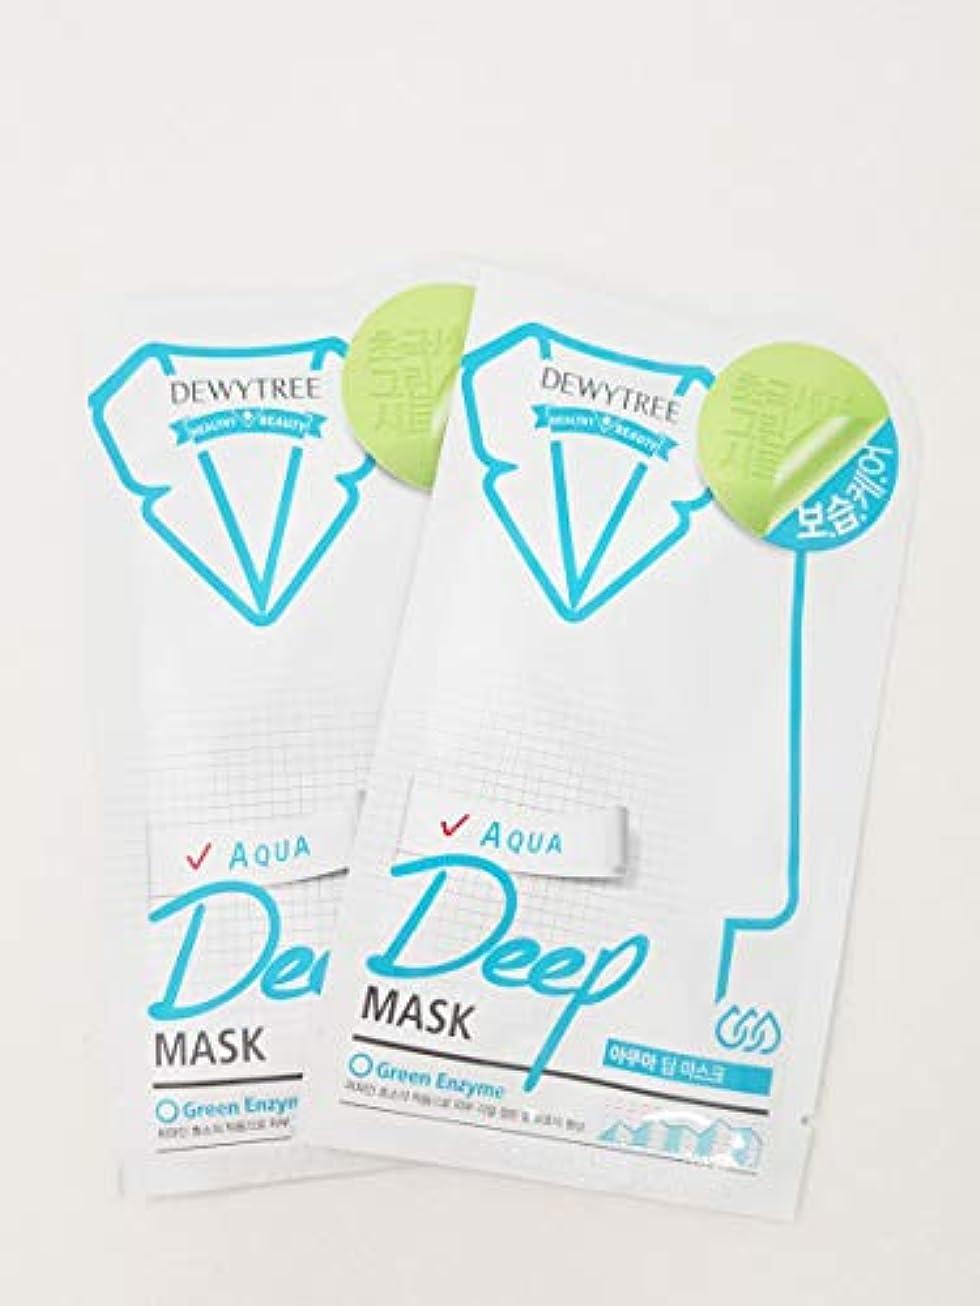 前件ベイビー告発者(デューイトゥリー) DEWYTREE アクアディープマスク 20枚 Aqua Deep Mask 韓国マスクパック (並行輸入品)